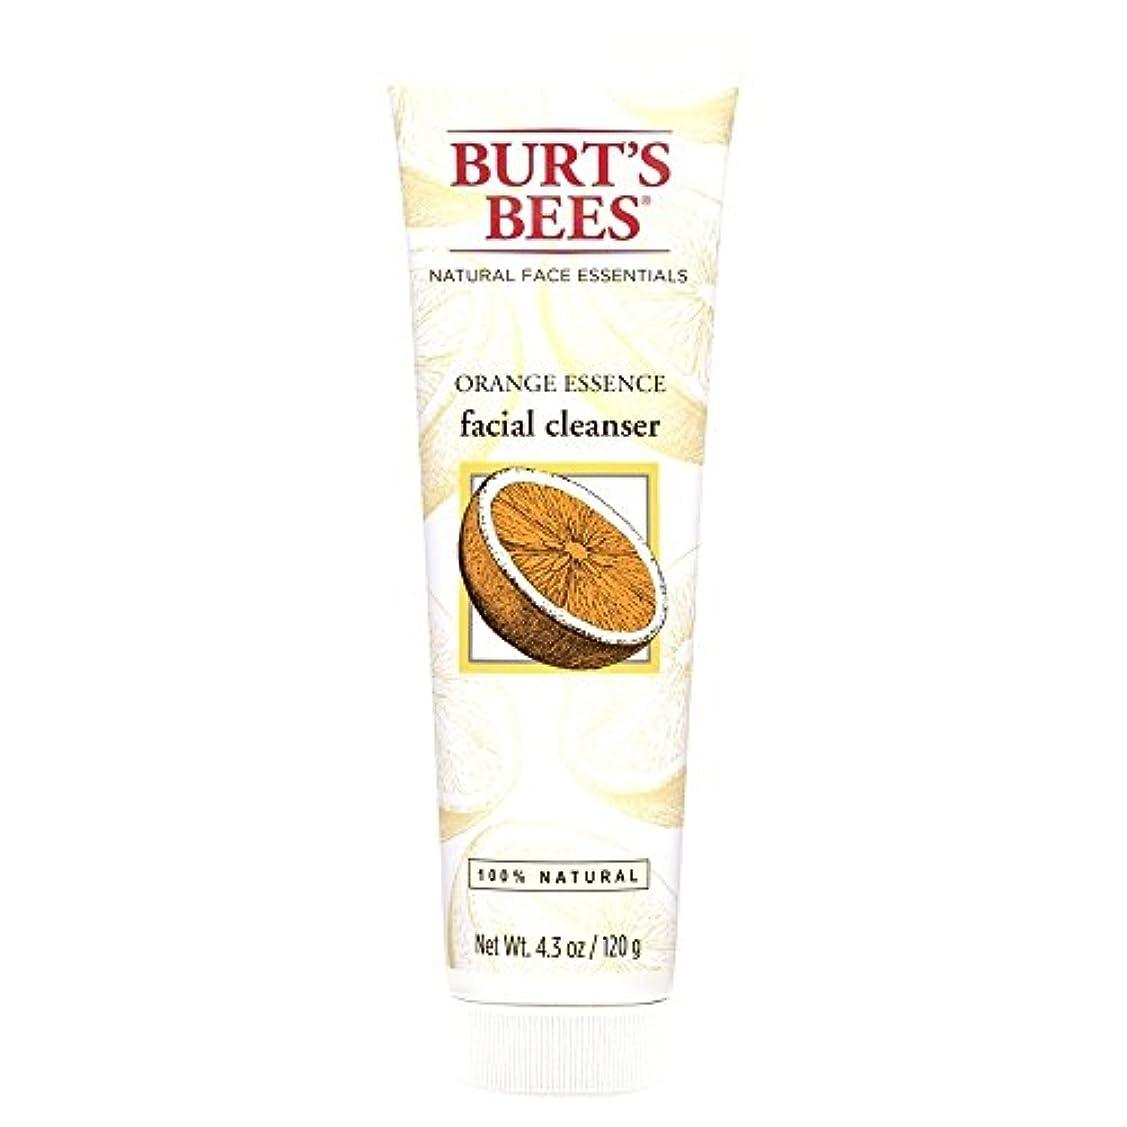 戦争今後野望バーツビーオレンジエッセンス洗顔料、125グラム (Burt's Bees) - Burt's Bees Orange Essence Facial Cleanser, 125g [並行輸入品]